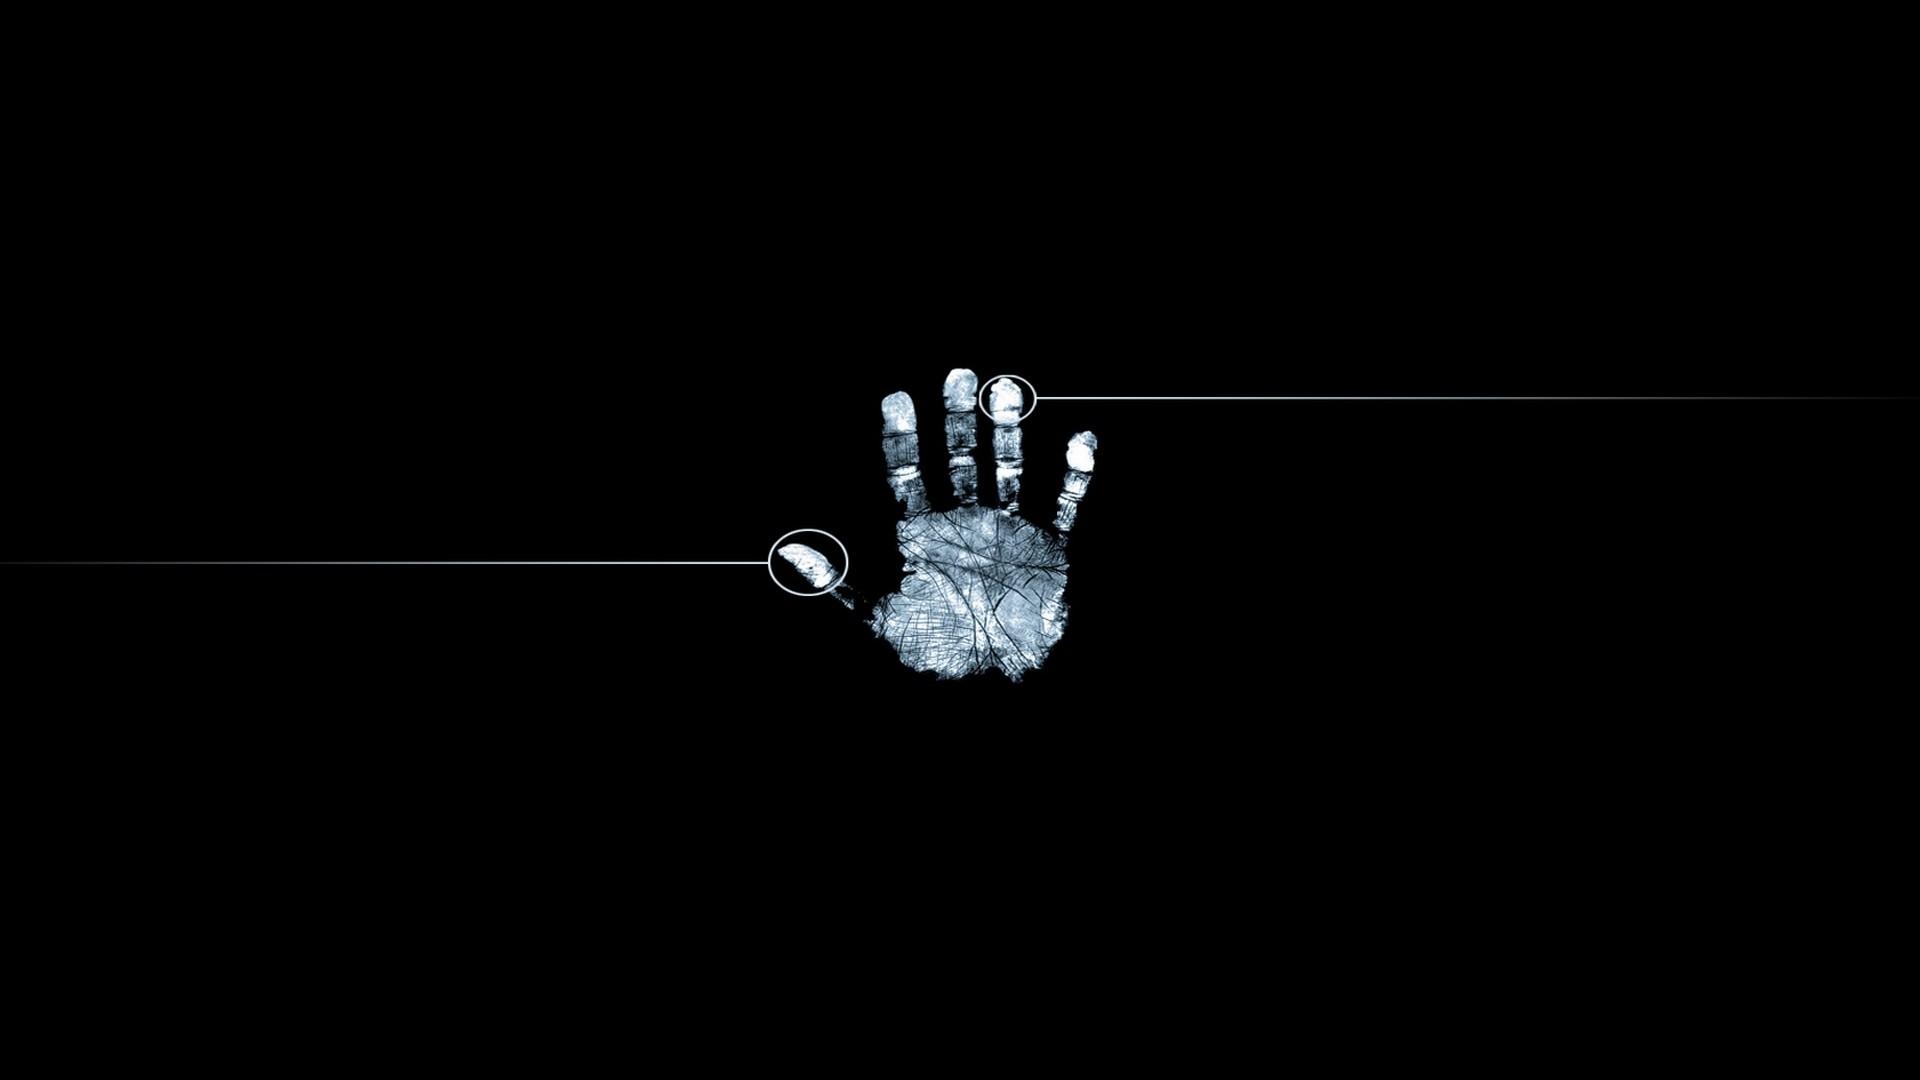 Hình nền đen bàn tay trắng